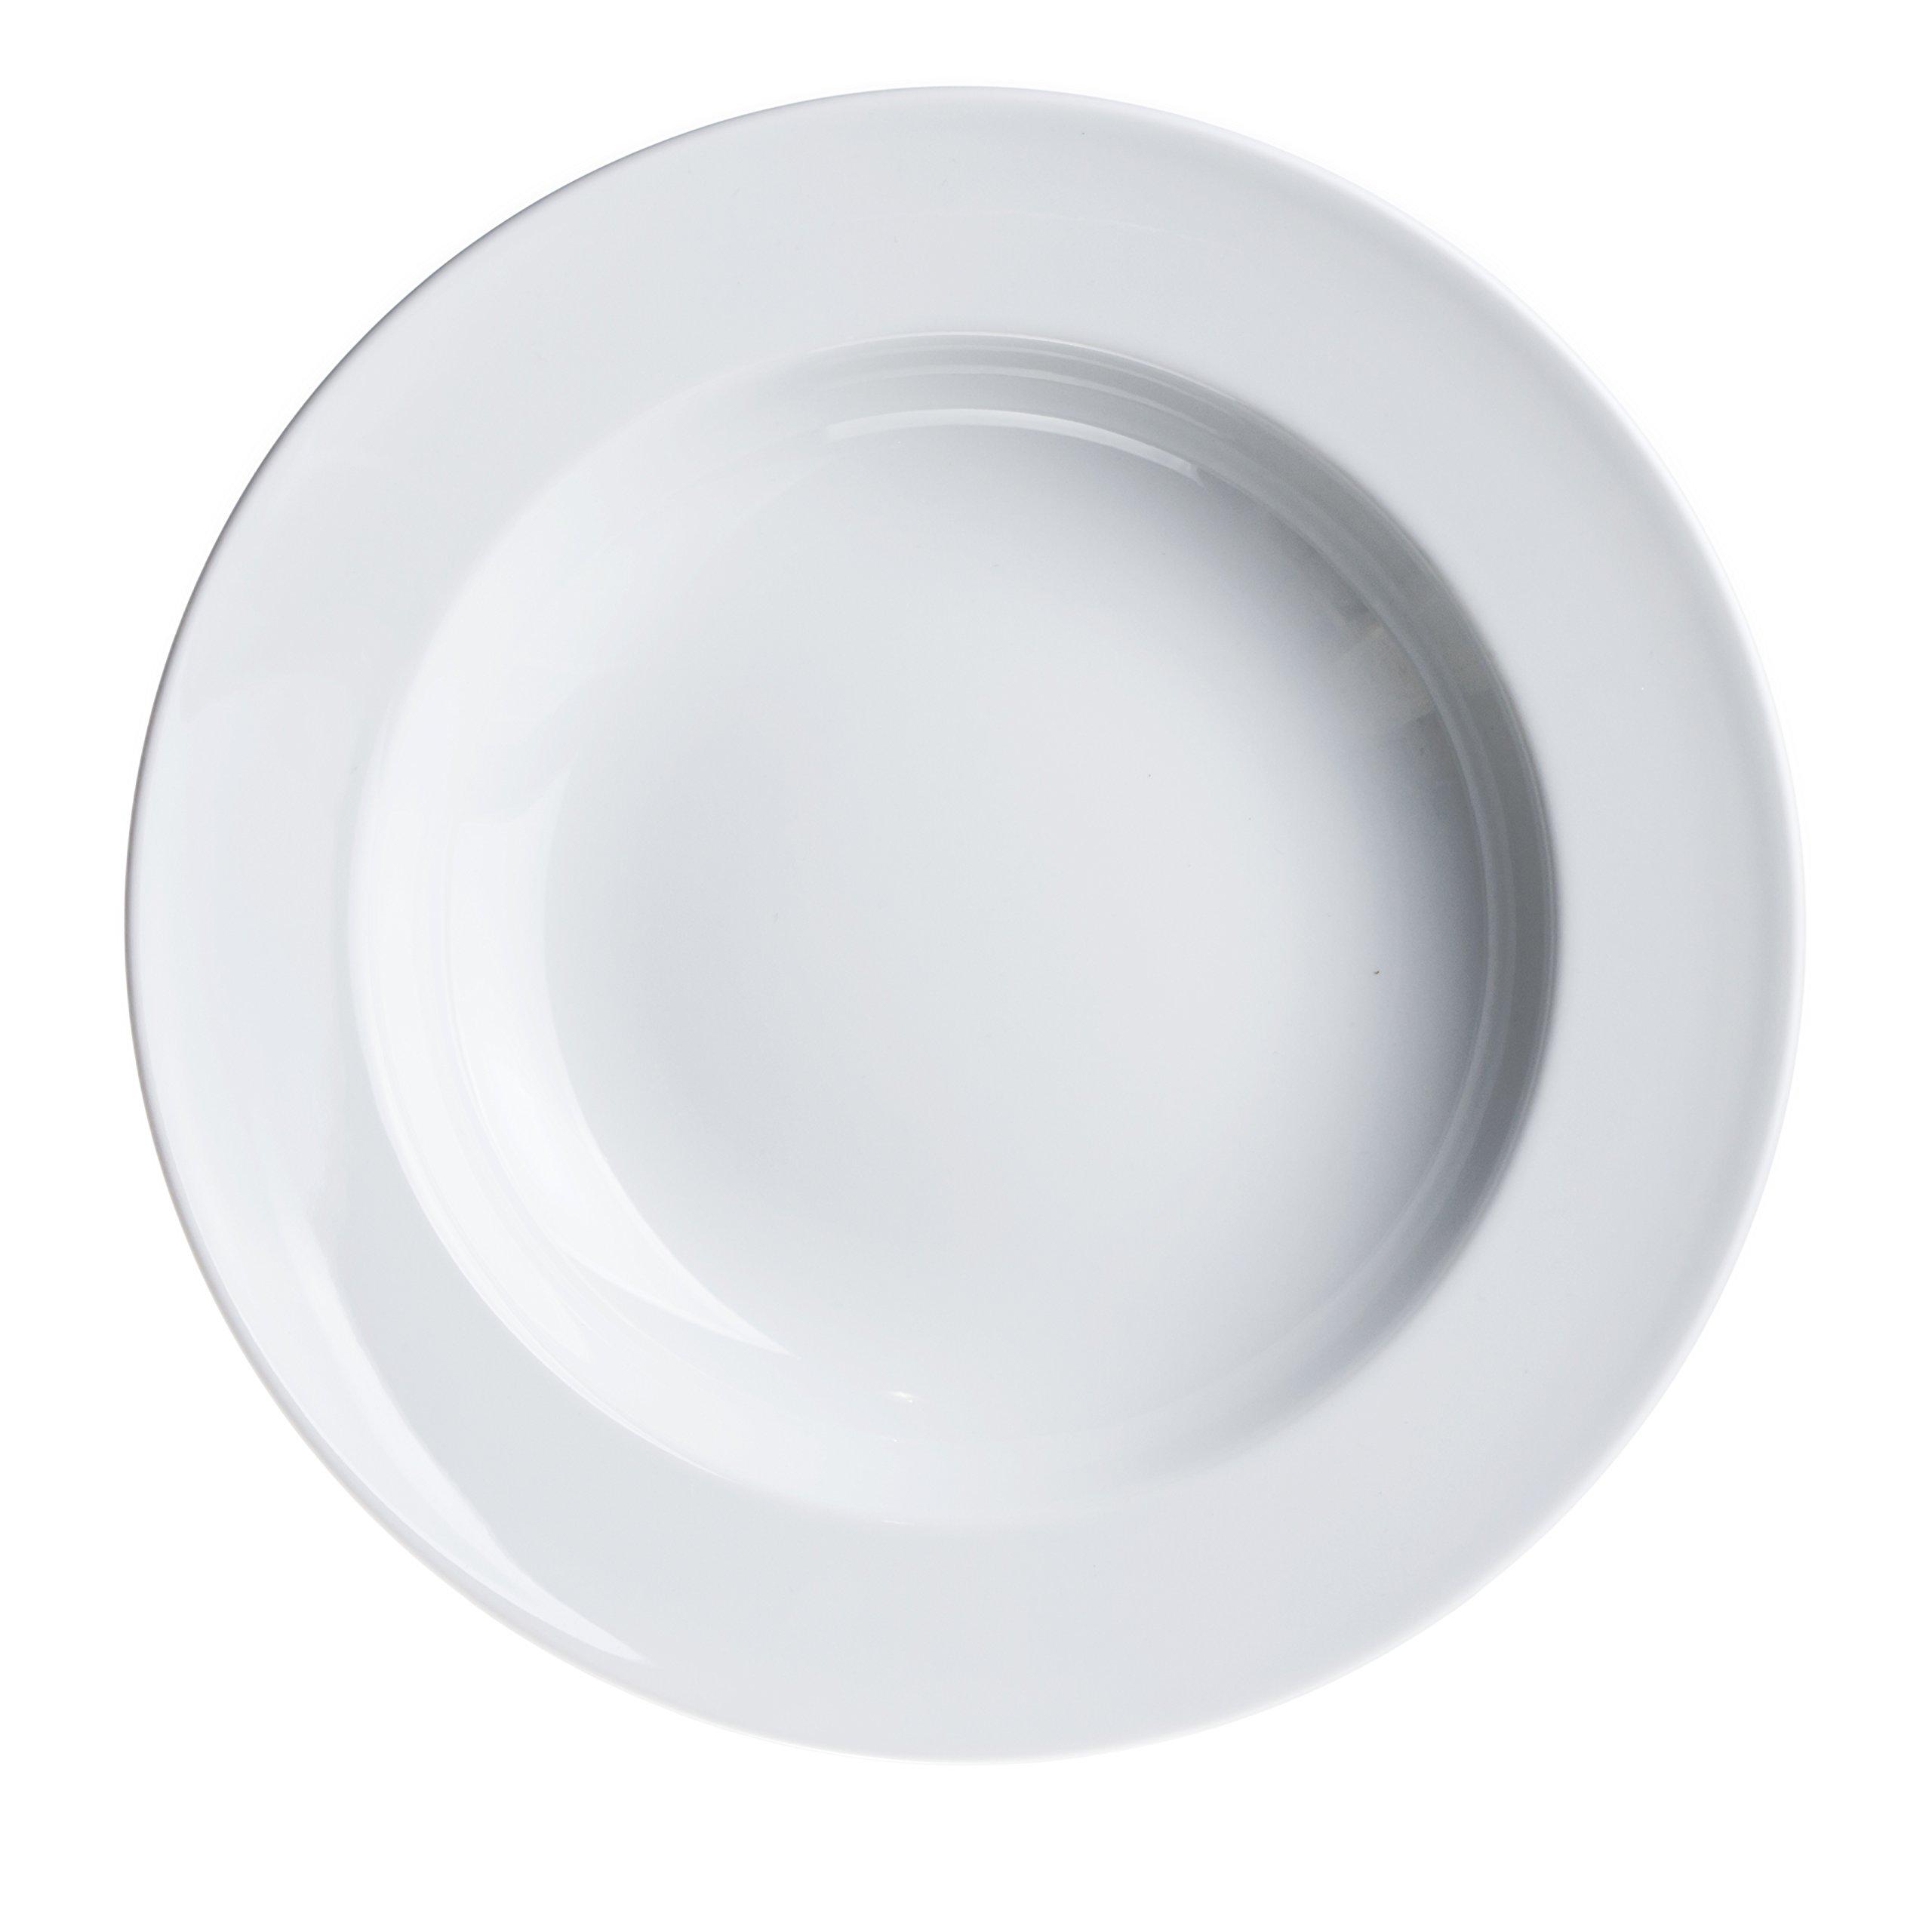 4-Piece PASTA/Salad/Soup/Serving PLATES 11.8 inc, White Porcelain, Restaurant&Hotel Quality